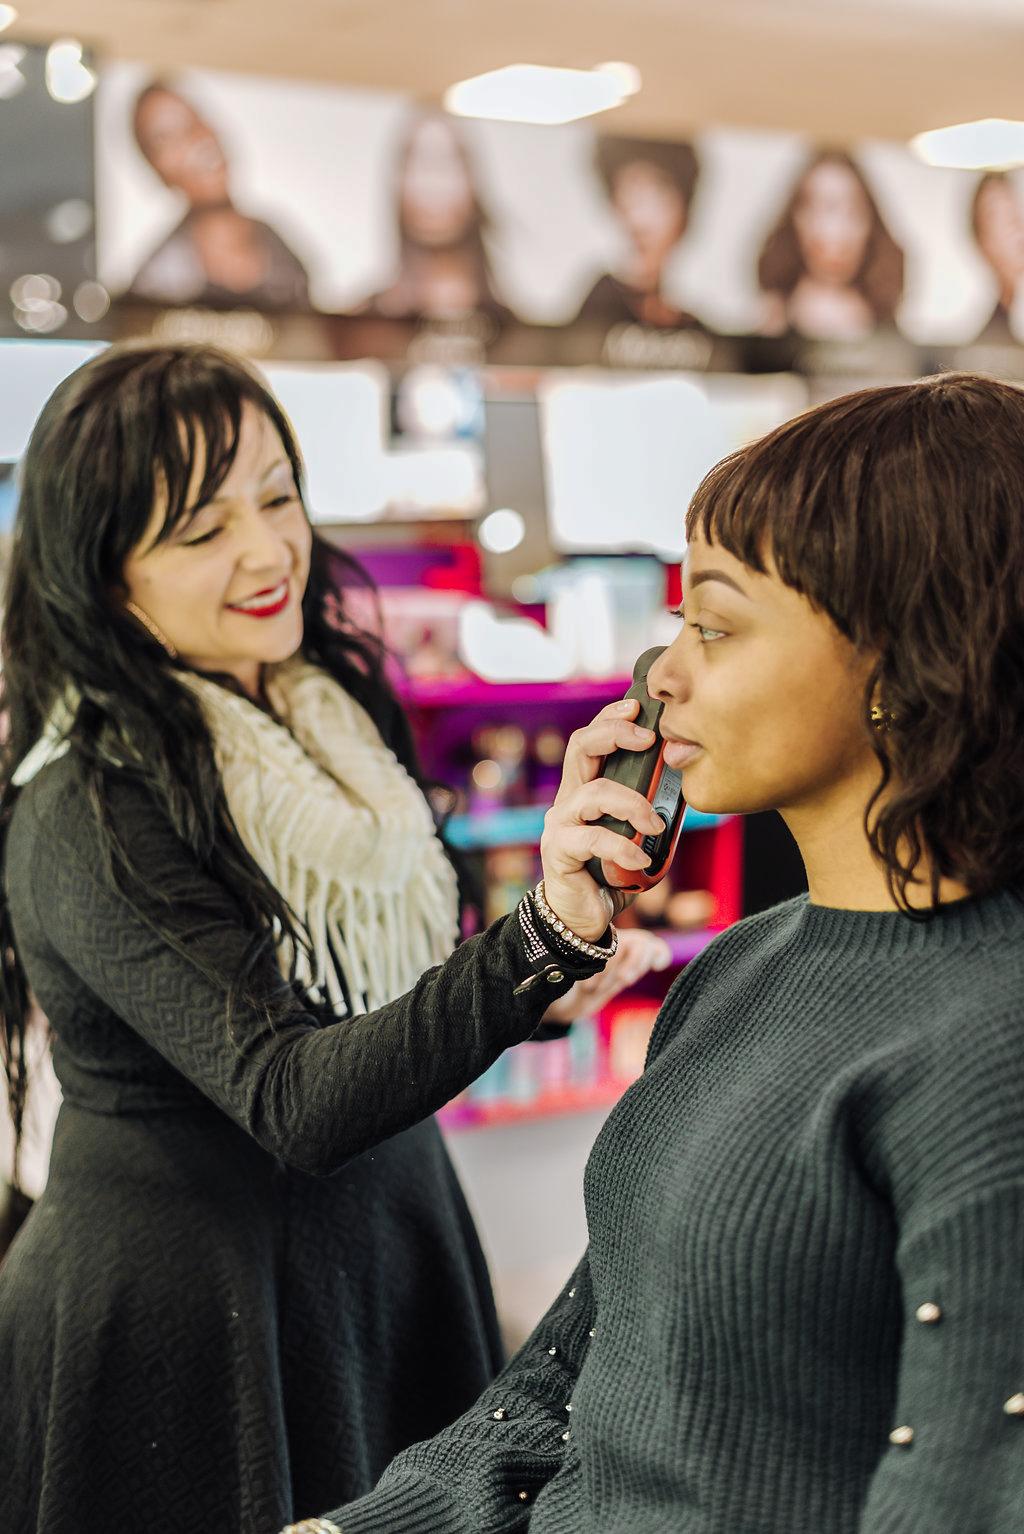 fenty face makeover, Sephora inside JCPenney